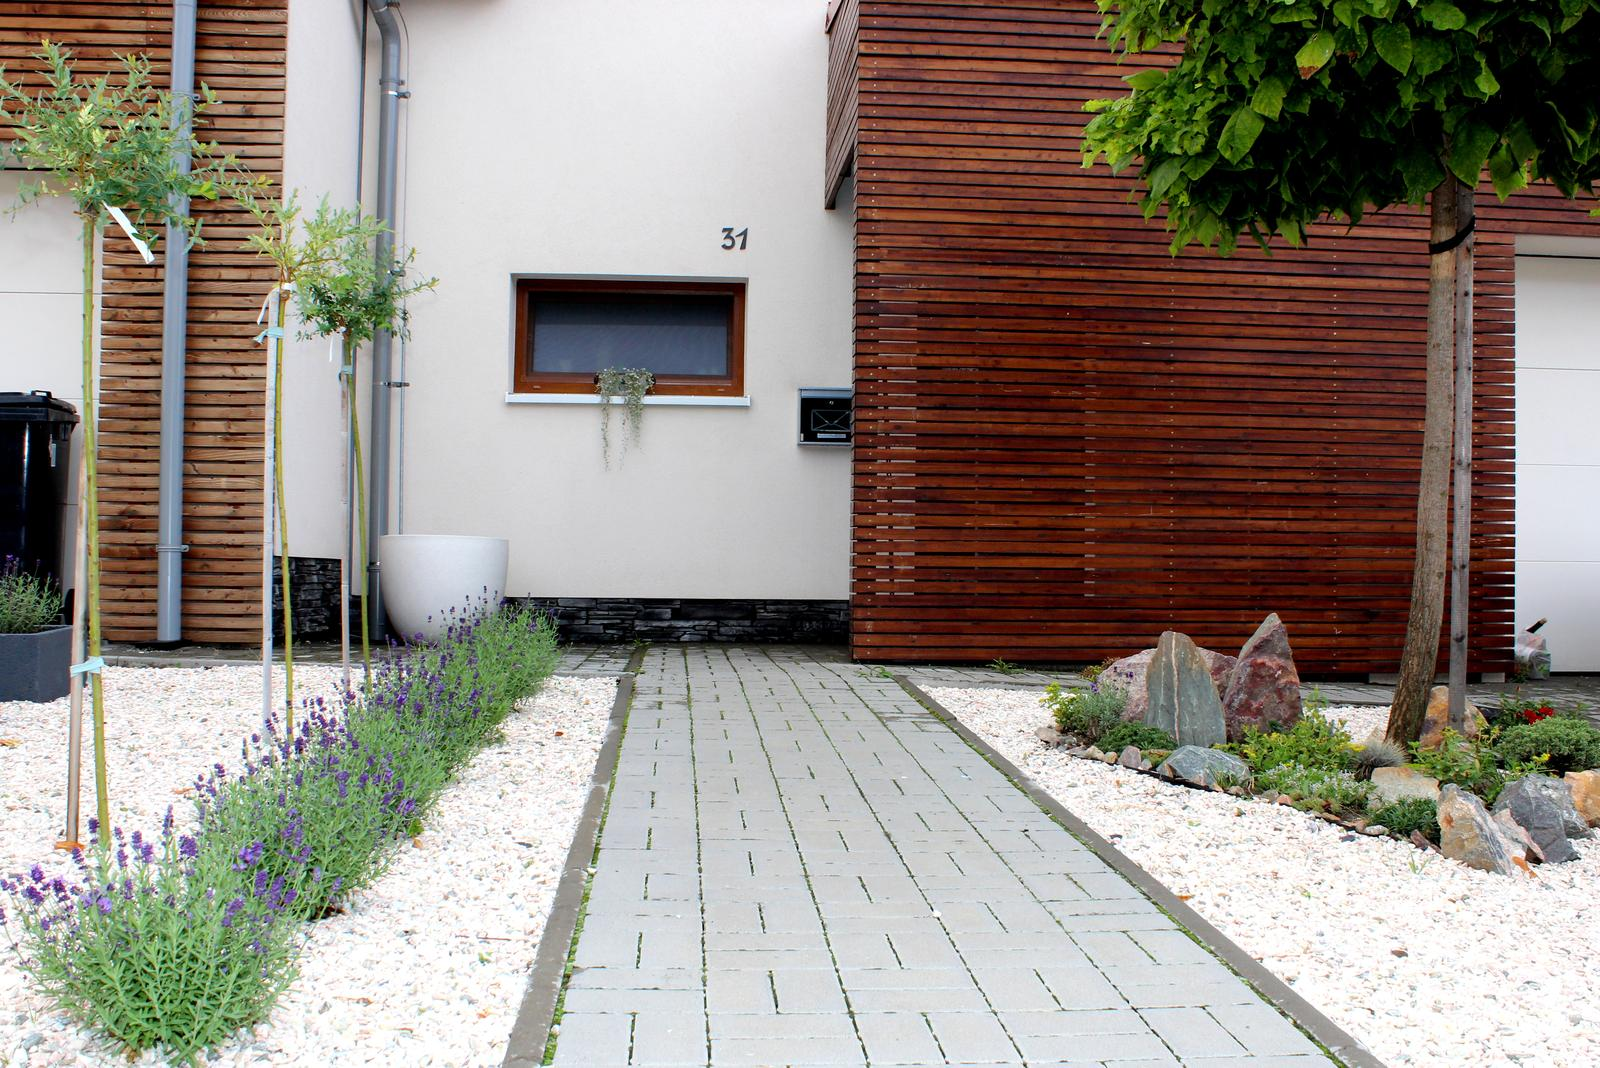 Finální podoba našeho bydlení ... i když člověk nikdy neví ;) - Obrázek č. 1